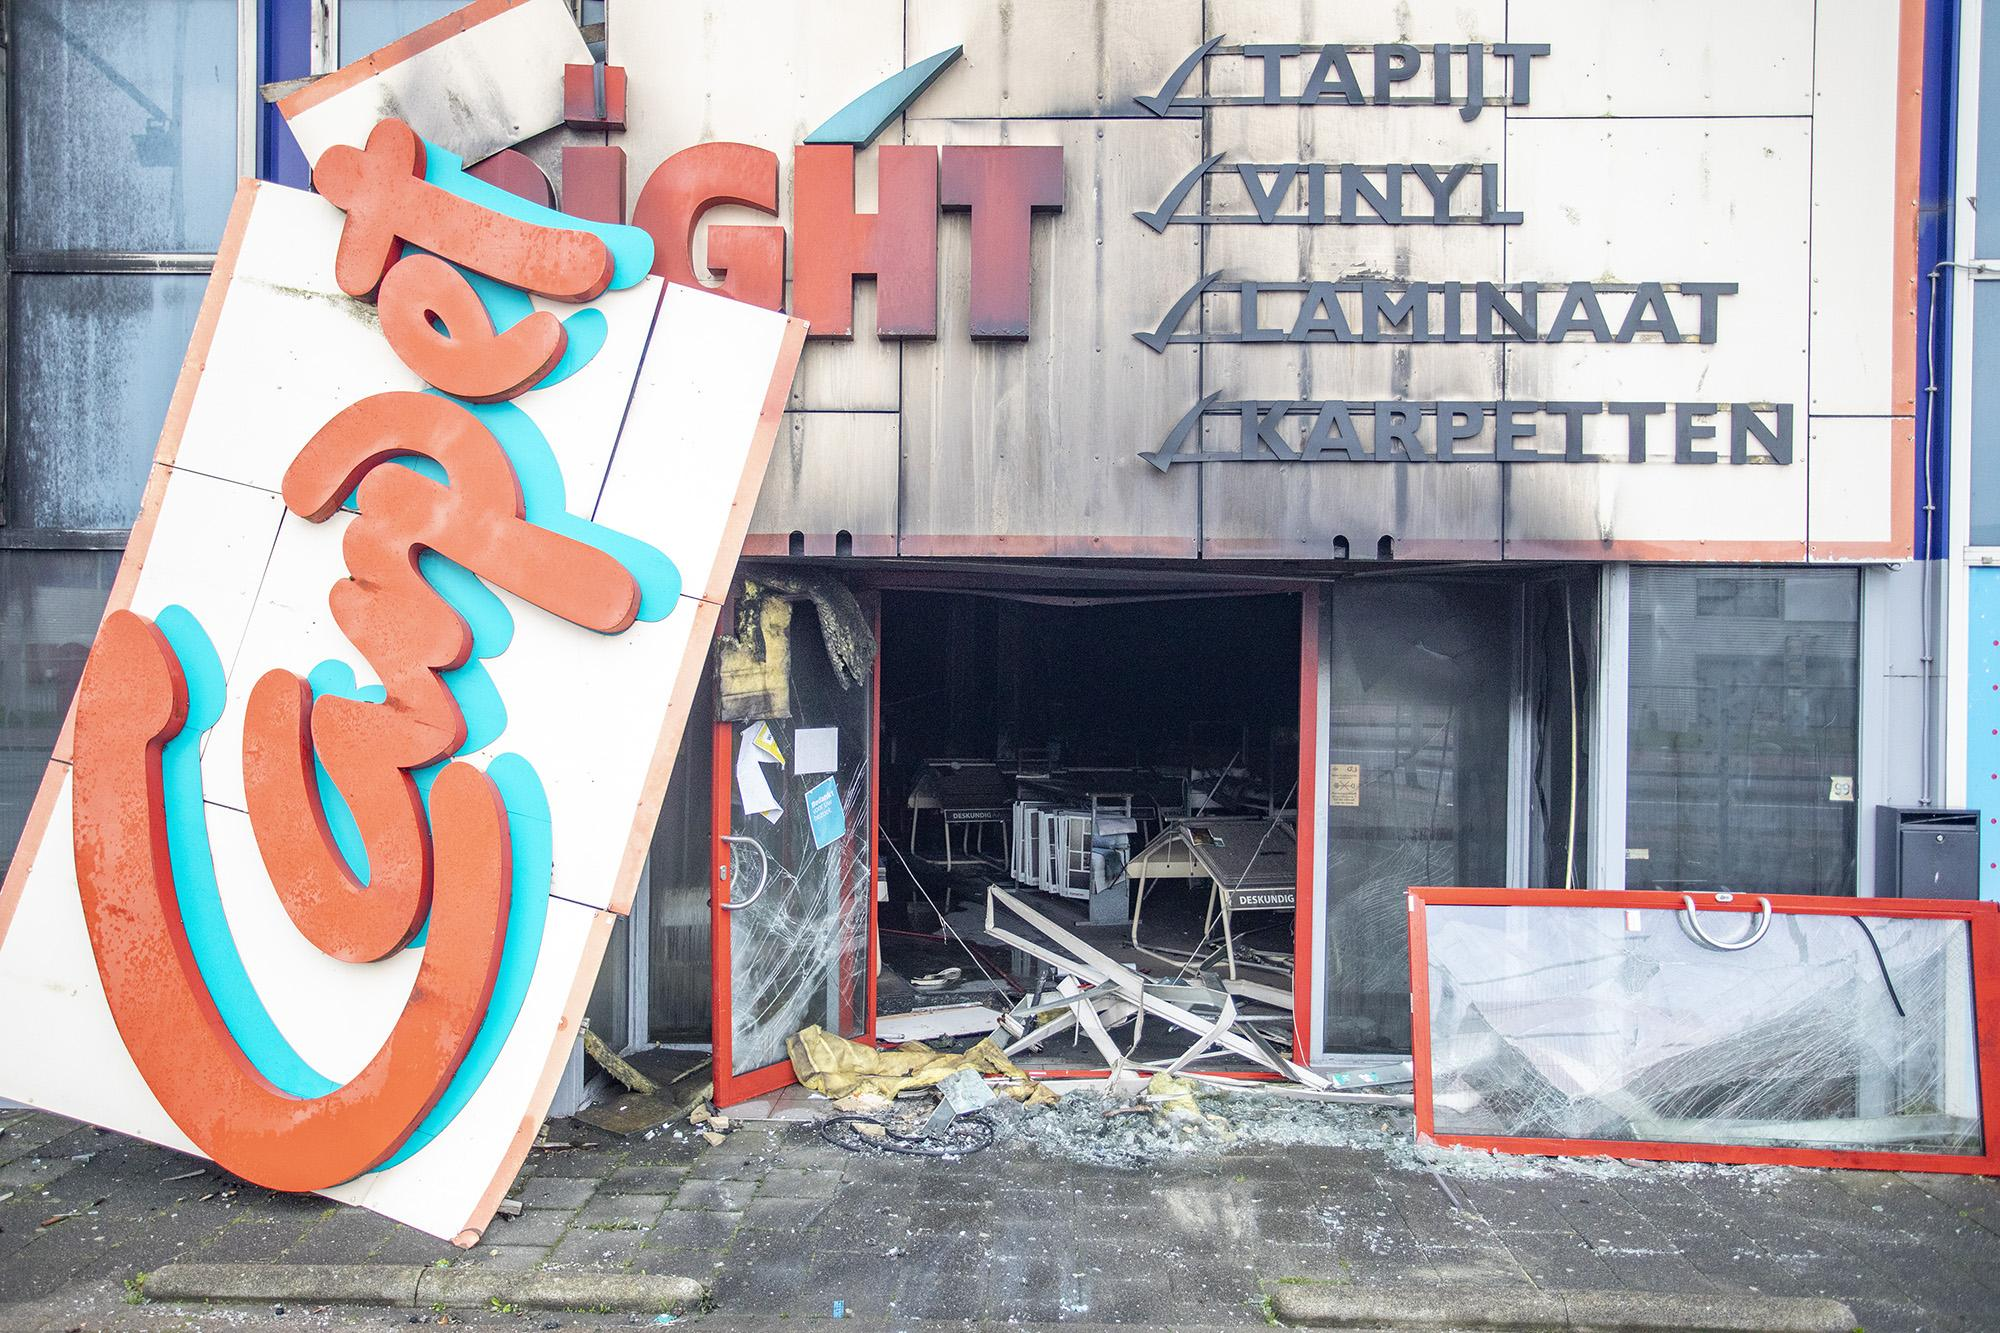 Alleen het brandalarm werkt nog na een felle brand die het pand van Carpetright in Beverwijk grotendeels verwoestte